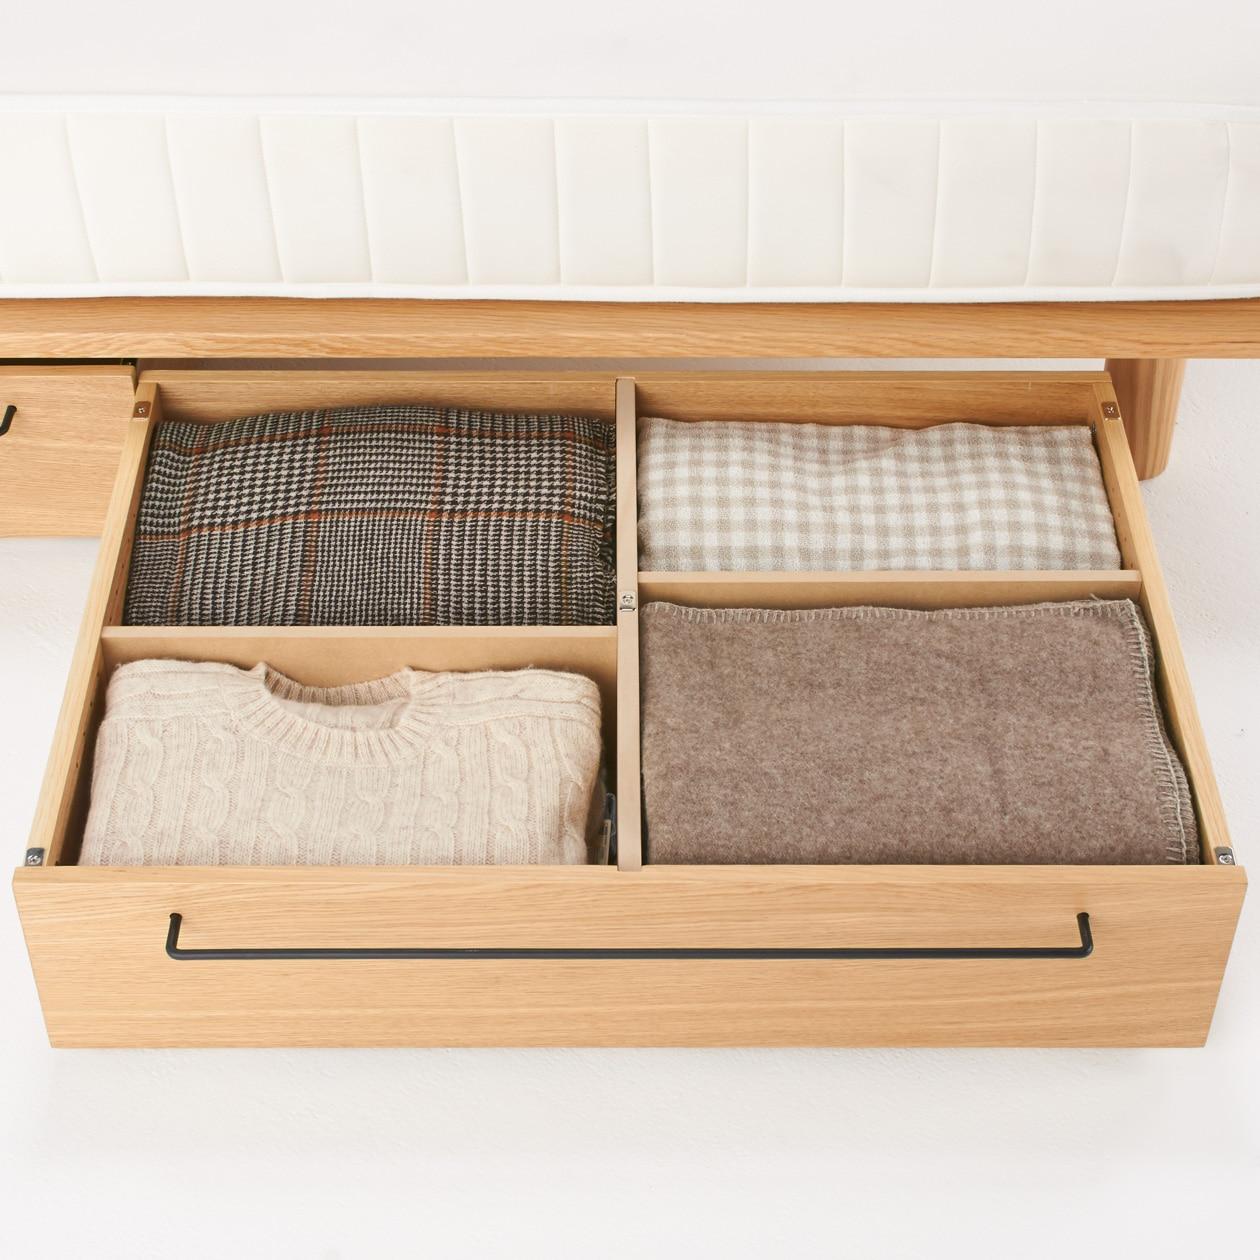 橡木床架用儲物地櫃 - 小   無印良品 MUJI